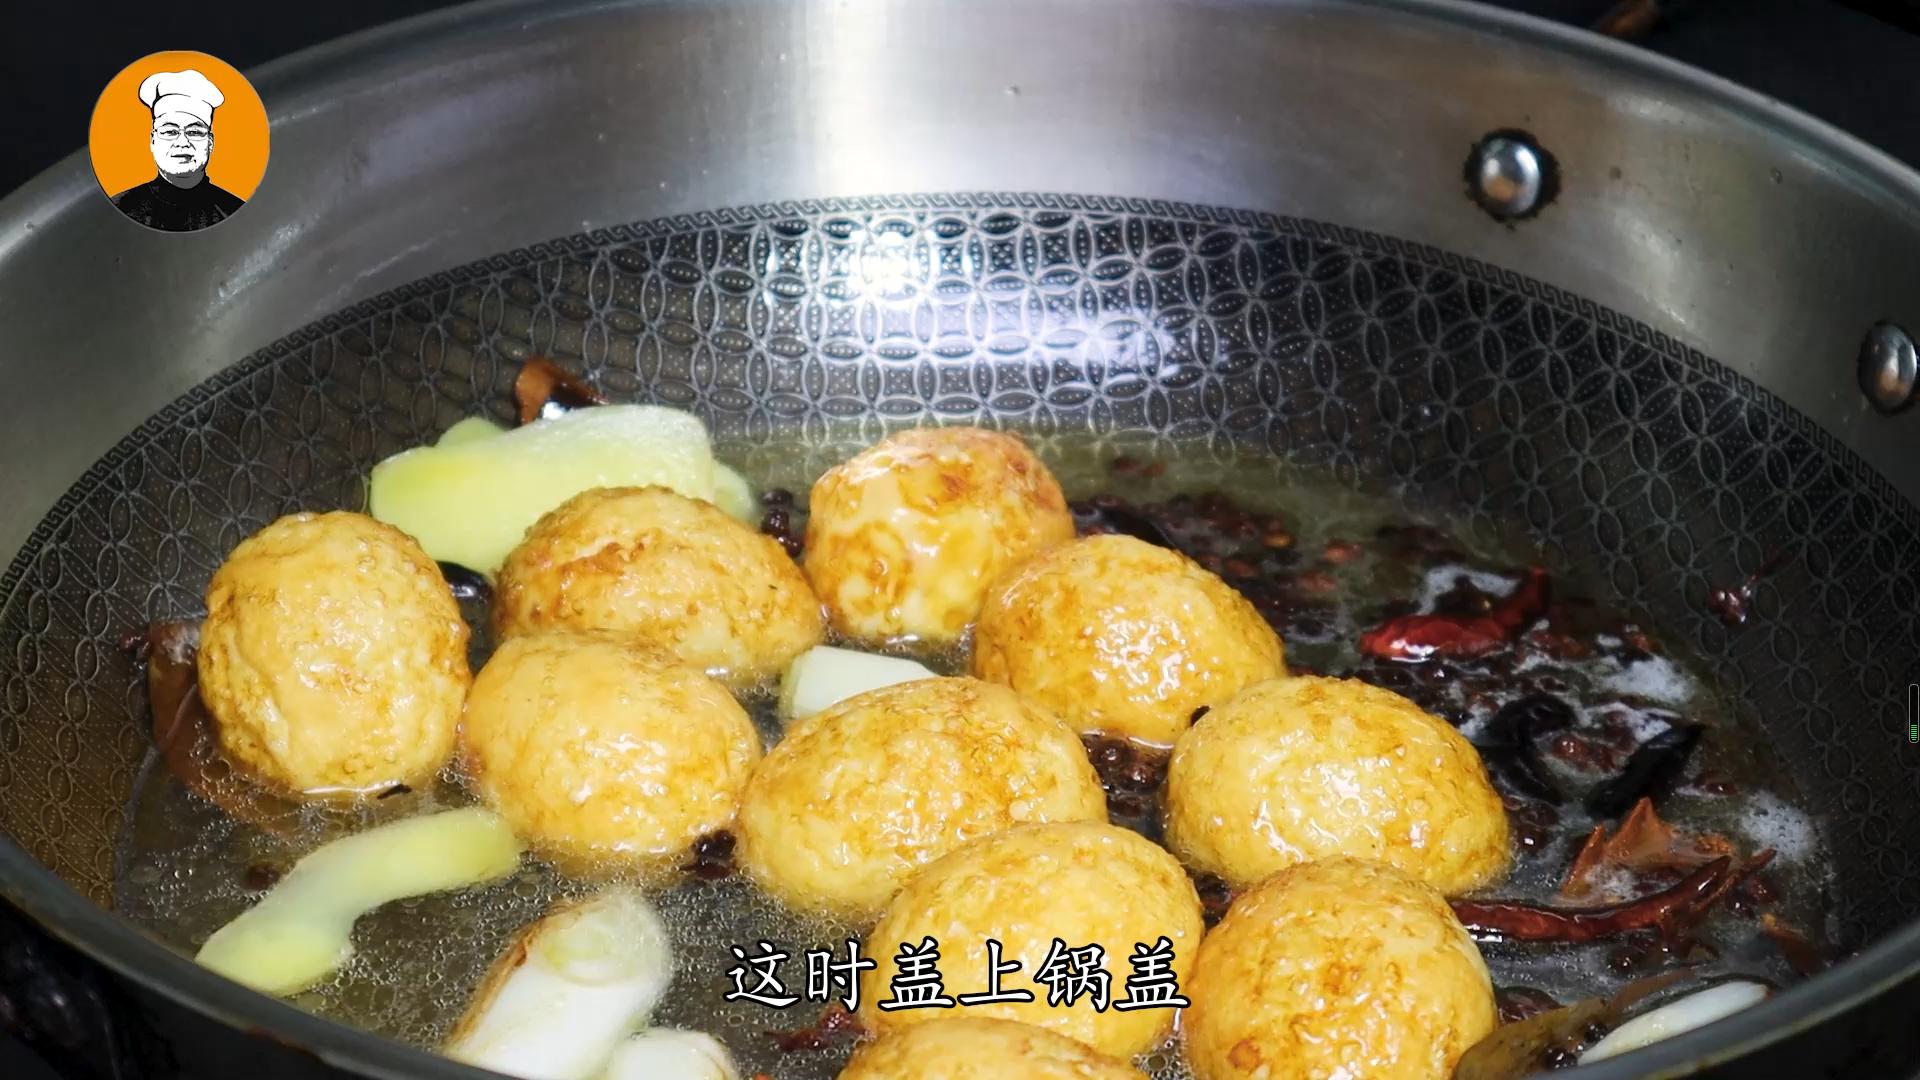 虎皮鸡蛋正确做法,一煮二炸三炖,鸡蛋香酥可口 虎皮鸡蛋 第6张